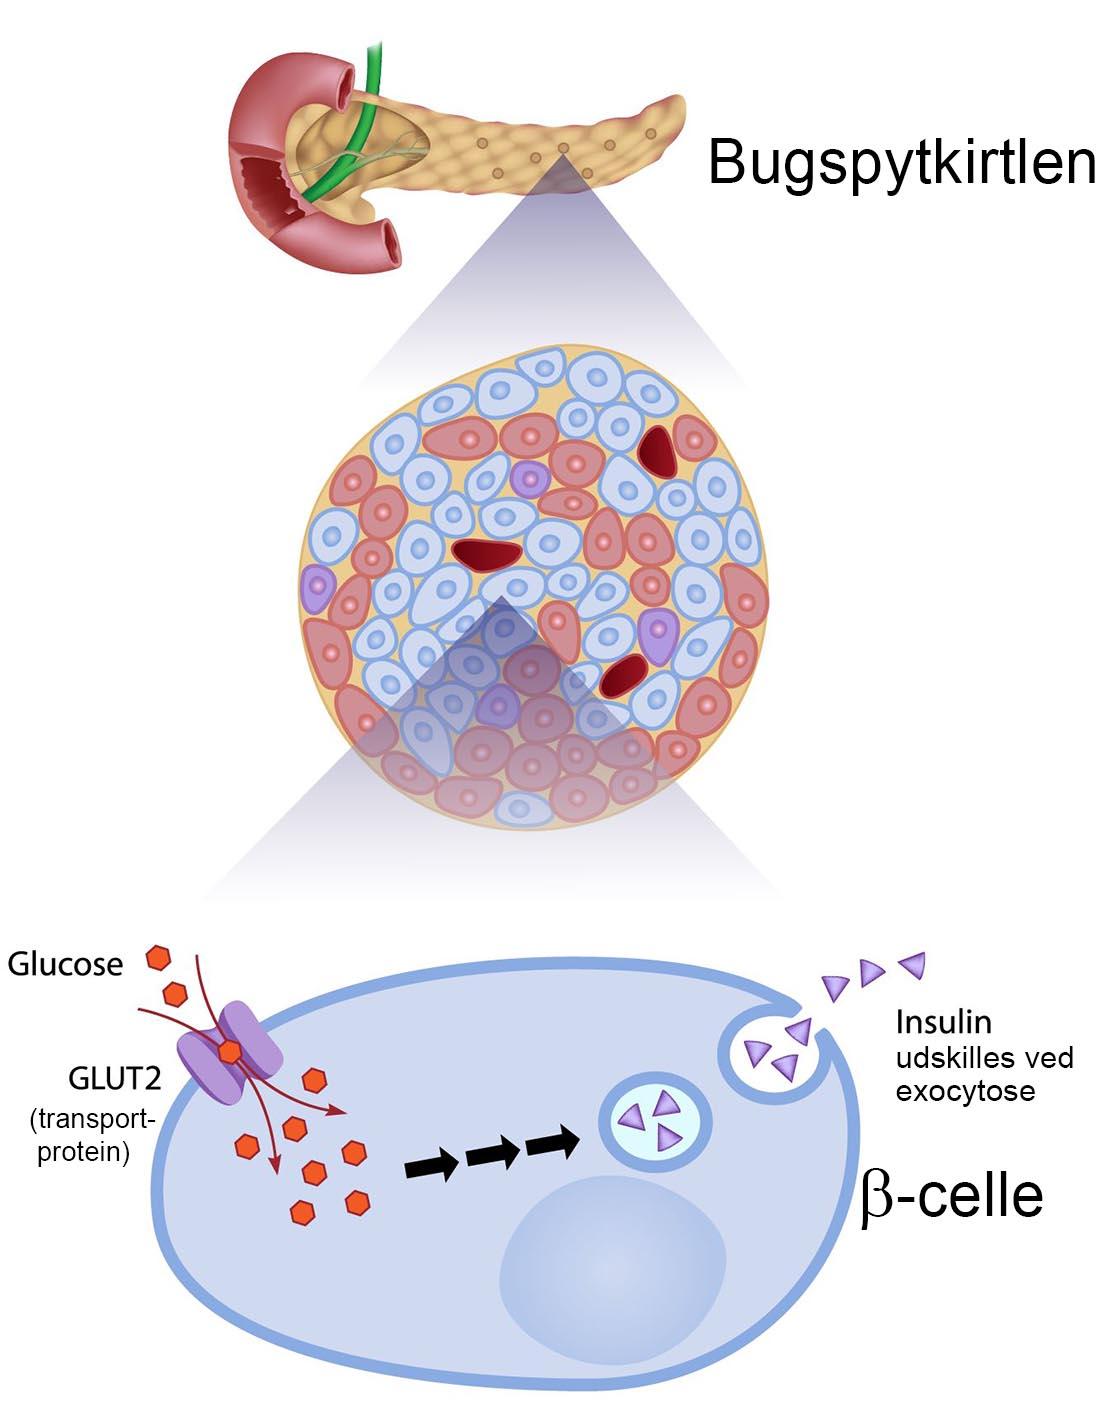 Sammenhængen mellem blodets glucosekoncentration og beta-cellernes udskillelse af insulin. Klik for at forstørre.